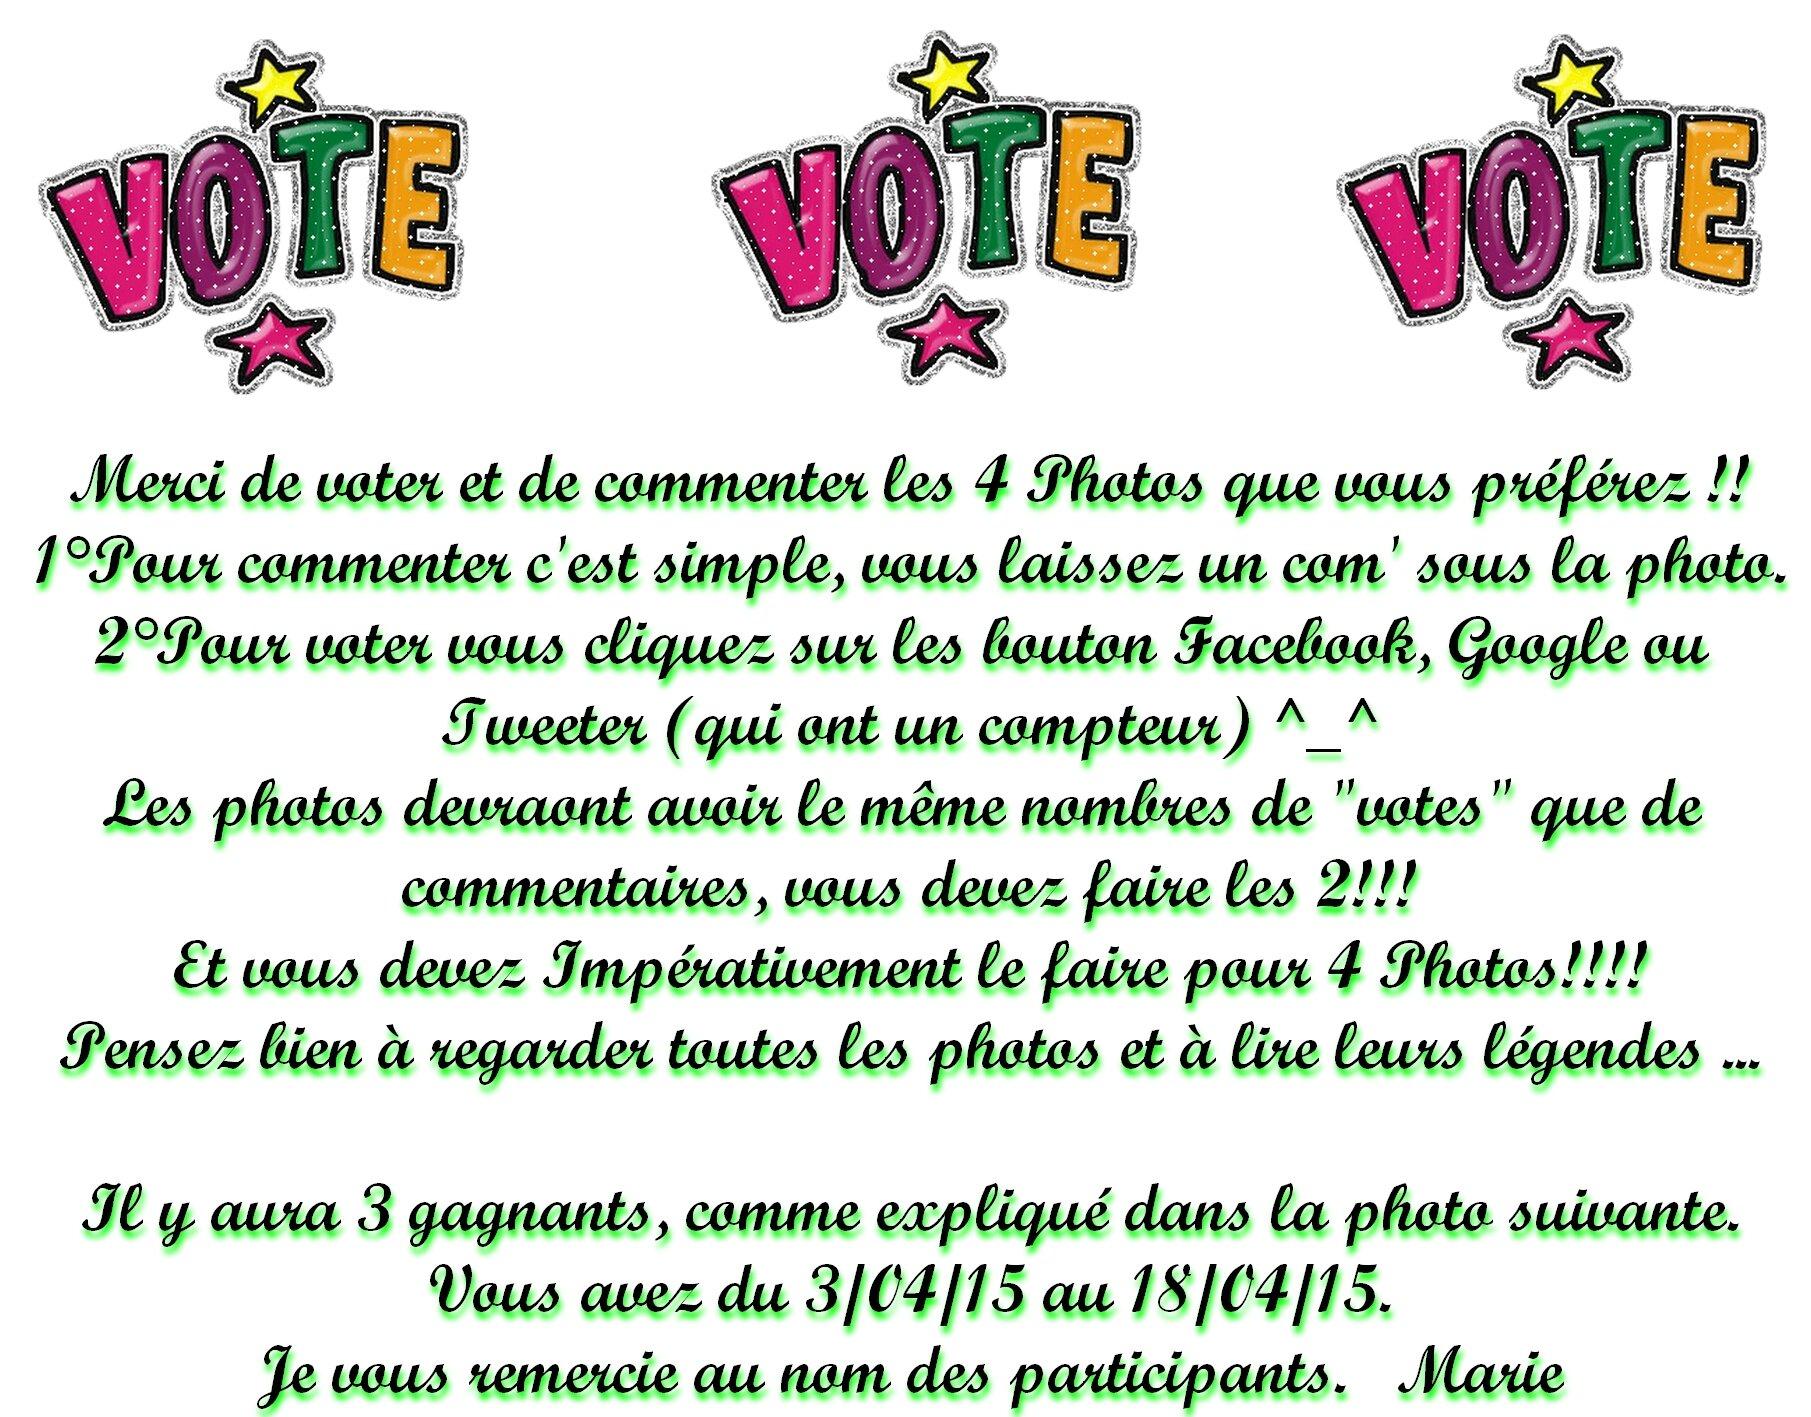 règle des votes